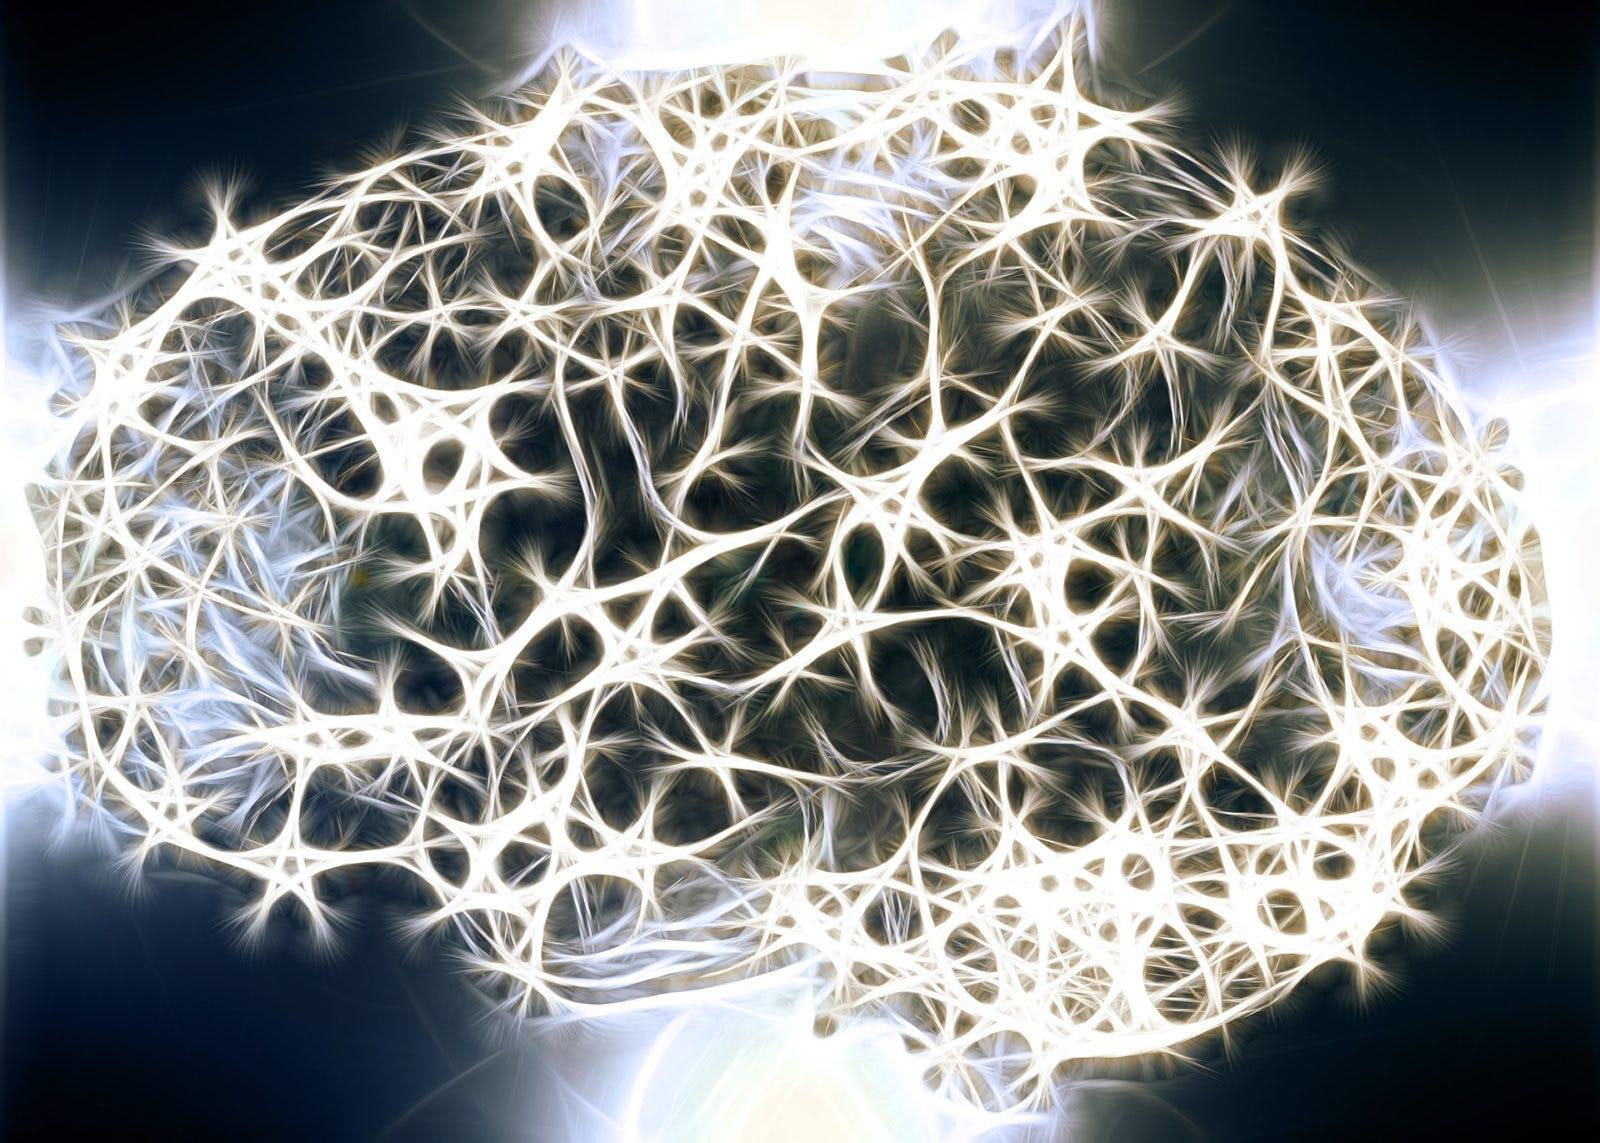 neurons-1739997_1920-1600×1143